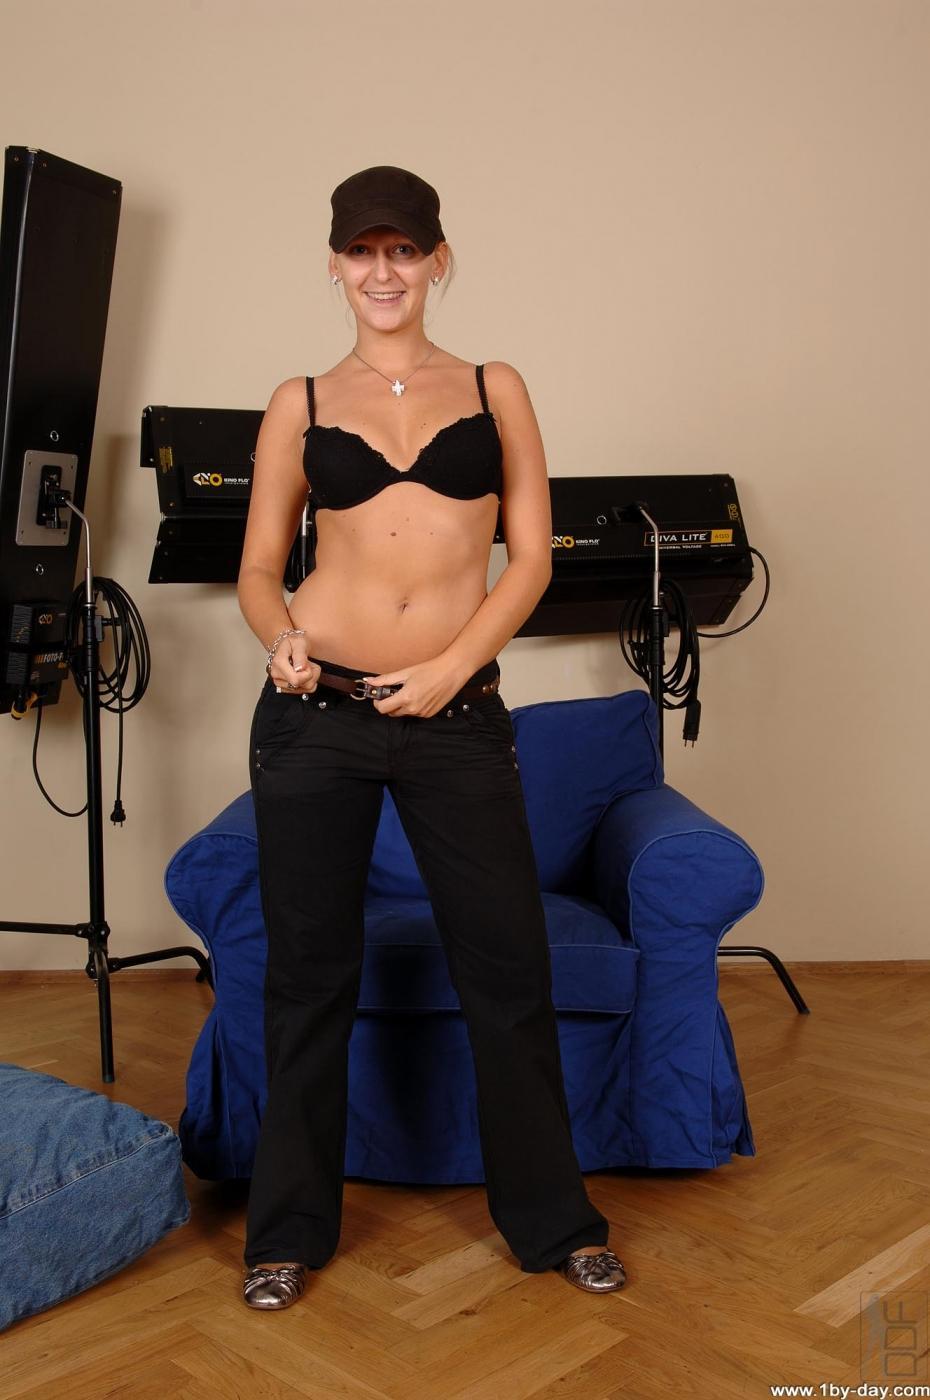 Milli в черной кепке и горячем нижнем белье засветила свою круглую попку и волосатую мохнатку